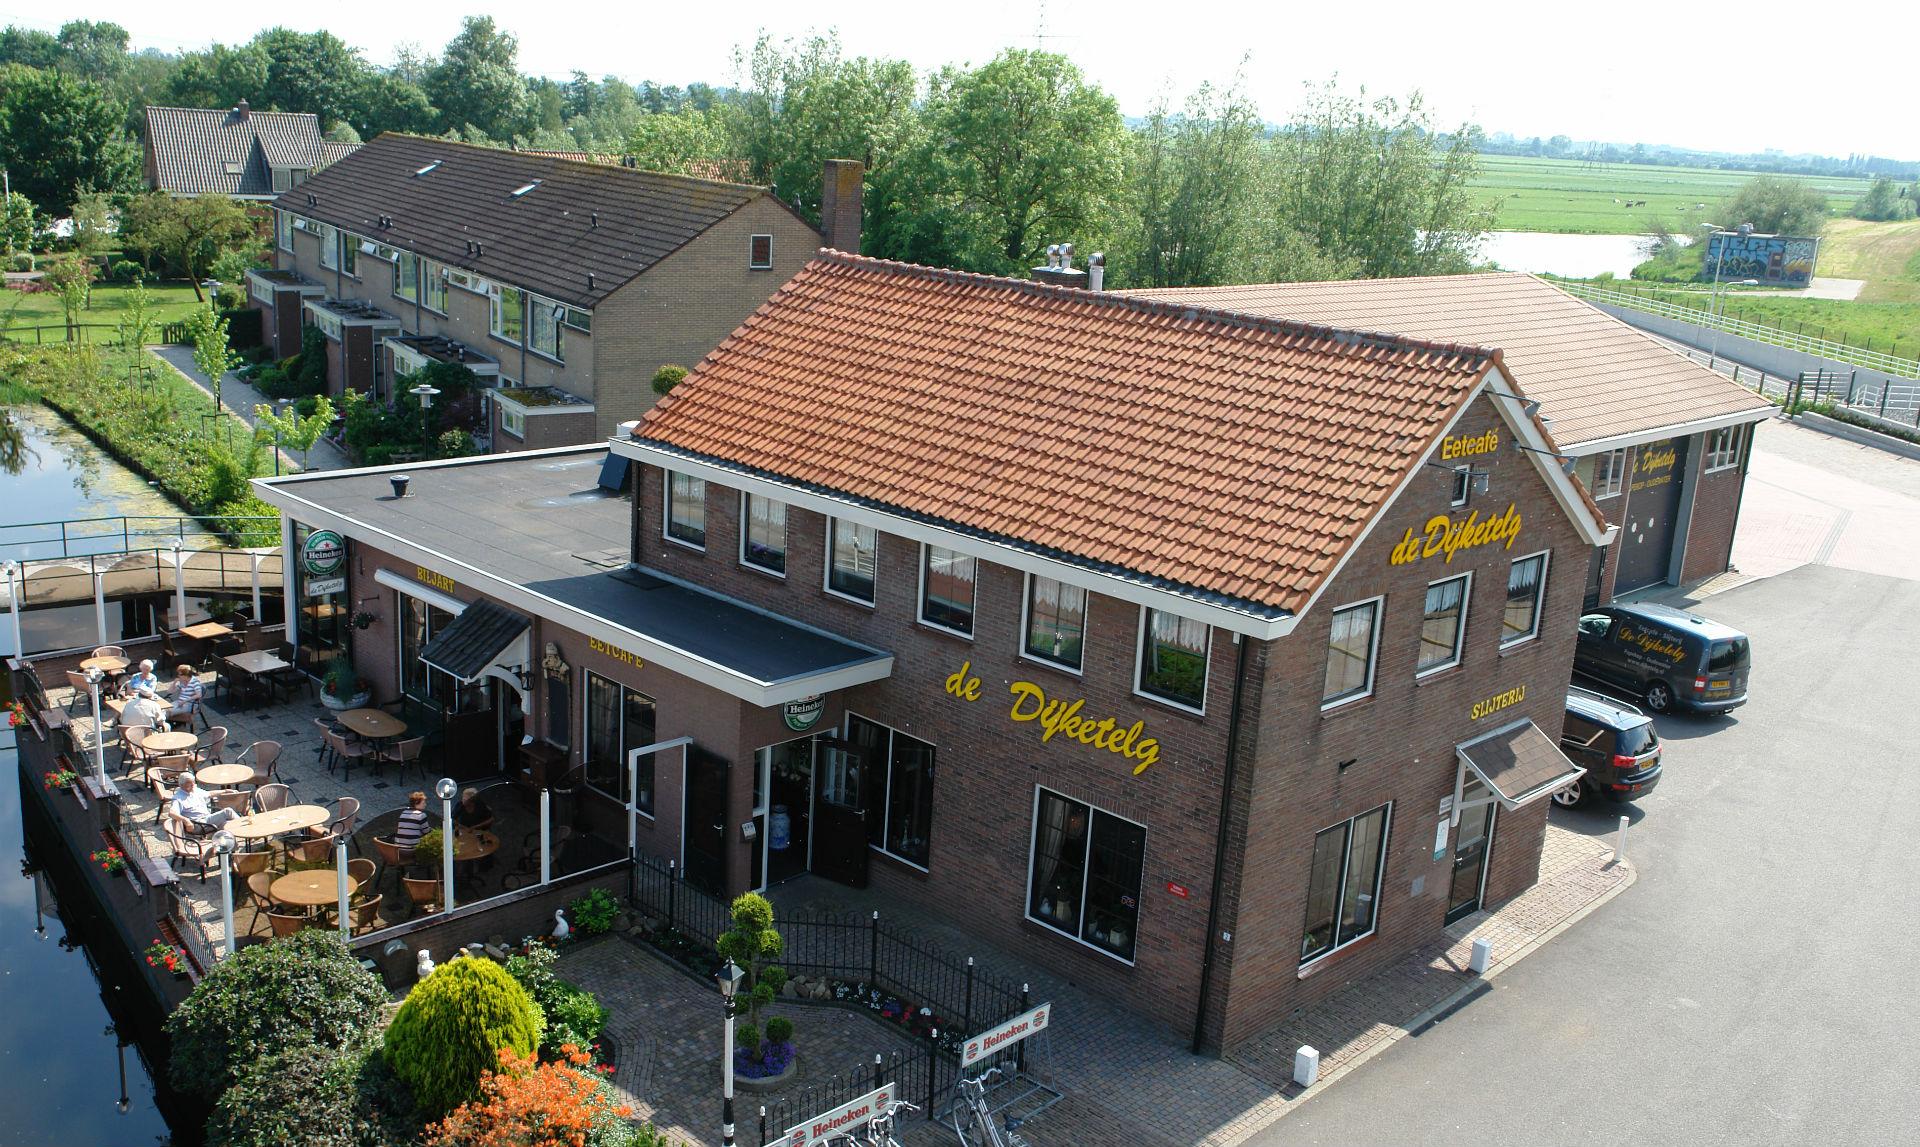 Eetcafe restaurant cafe-restaurant Dijketelg